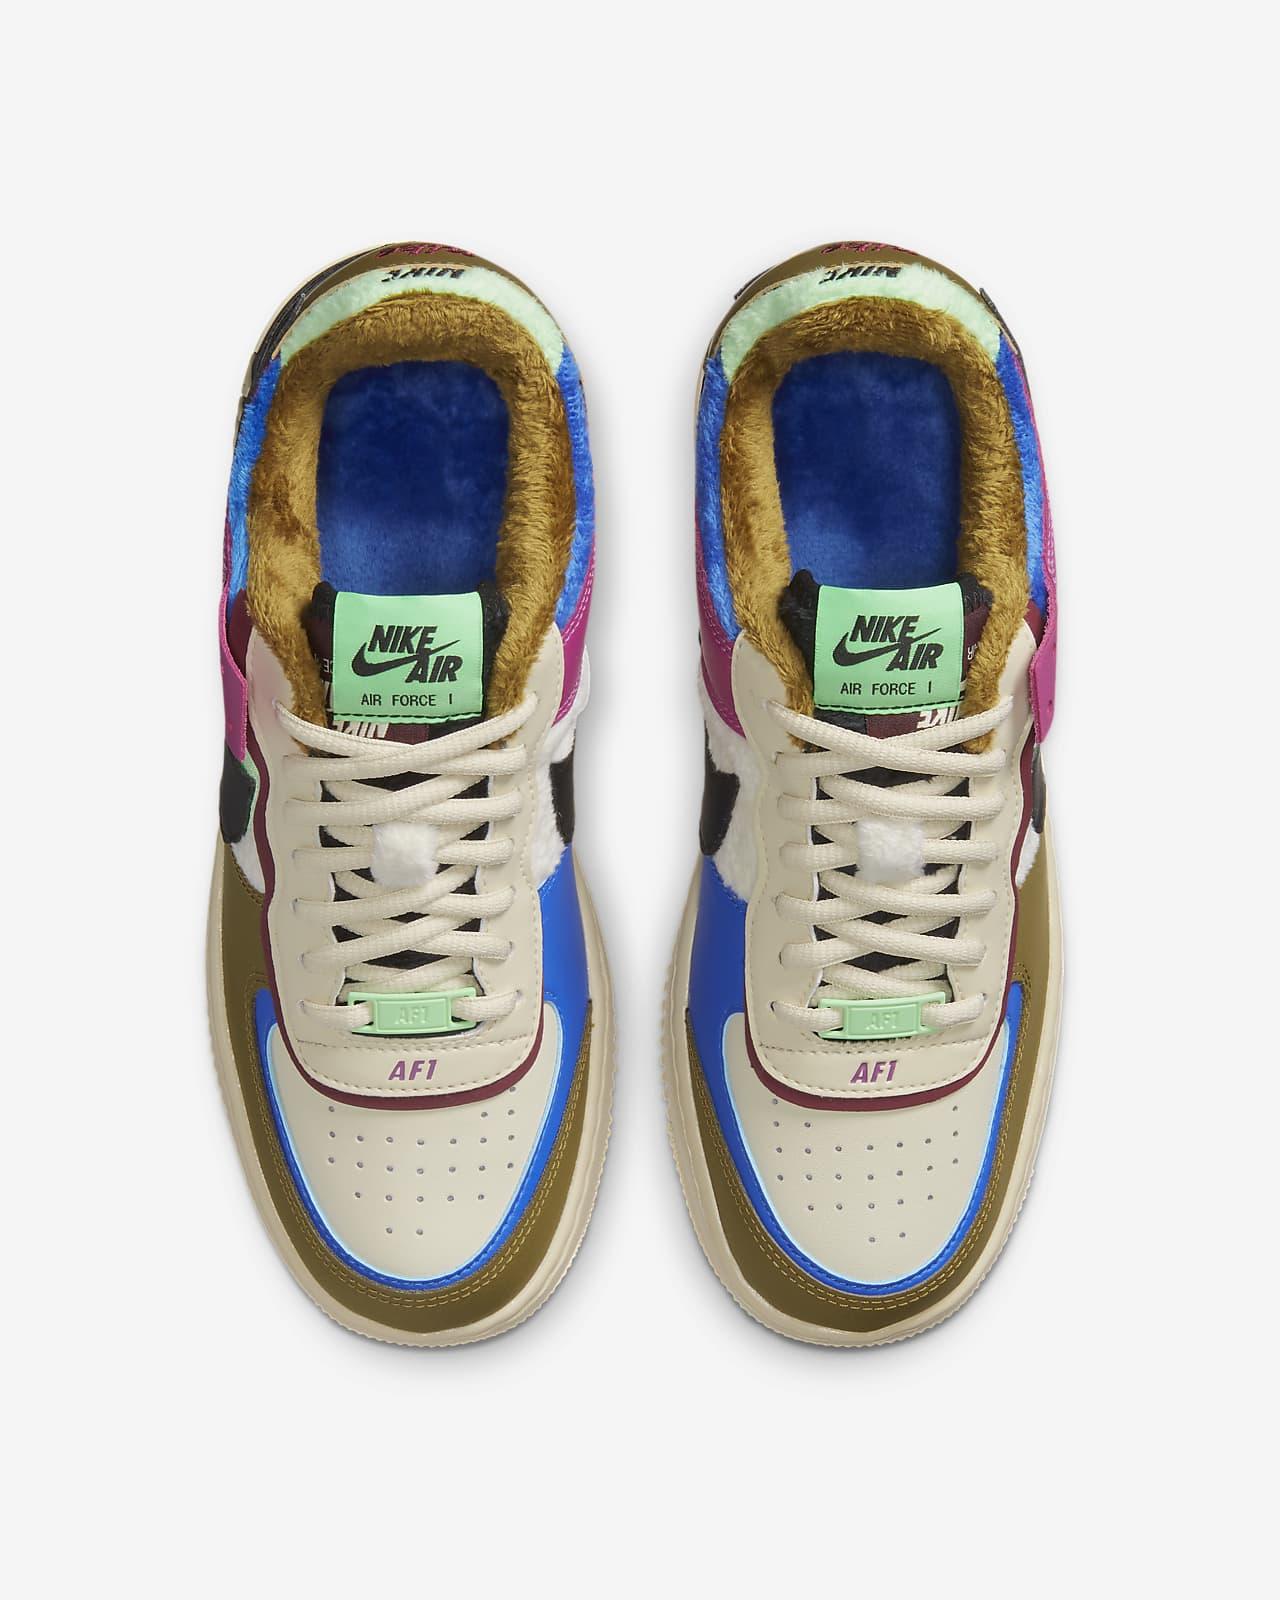 Calzado Para Mujer Nike Air Force 1 Shadow Se Nike Com 815 results for nike air force 1 shadow. calzado para mujer nike air force 1 shadow se